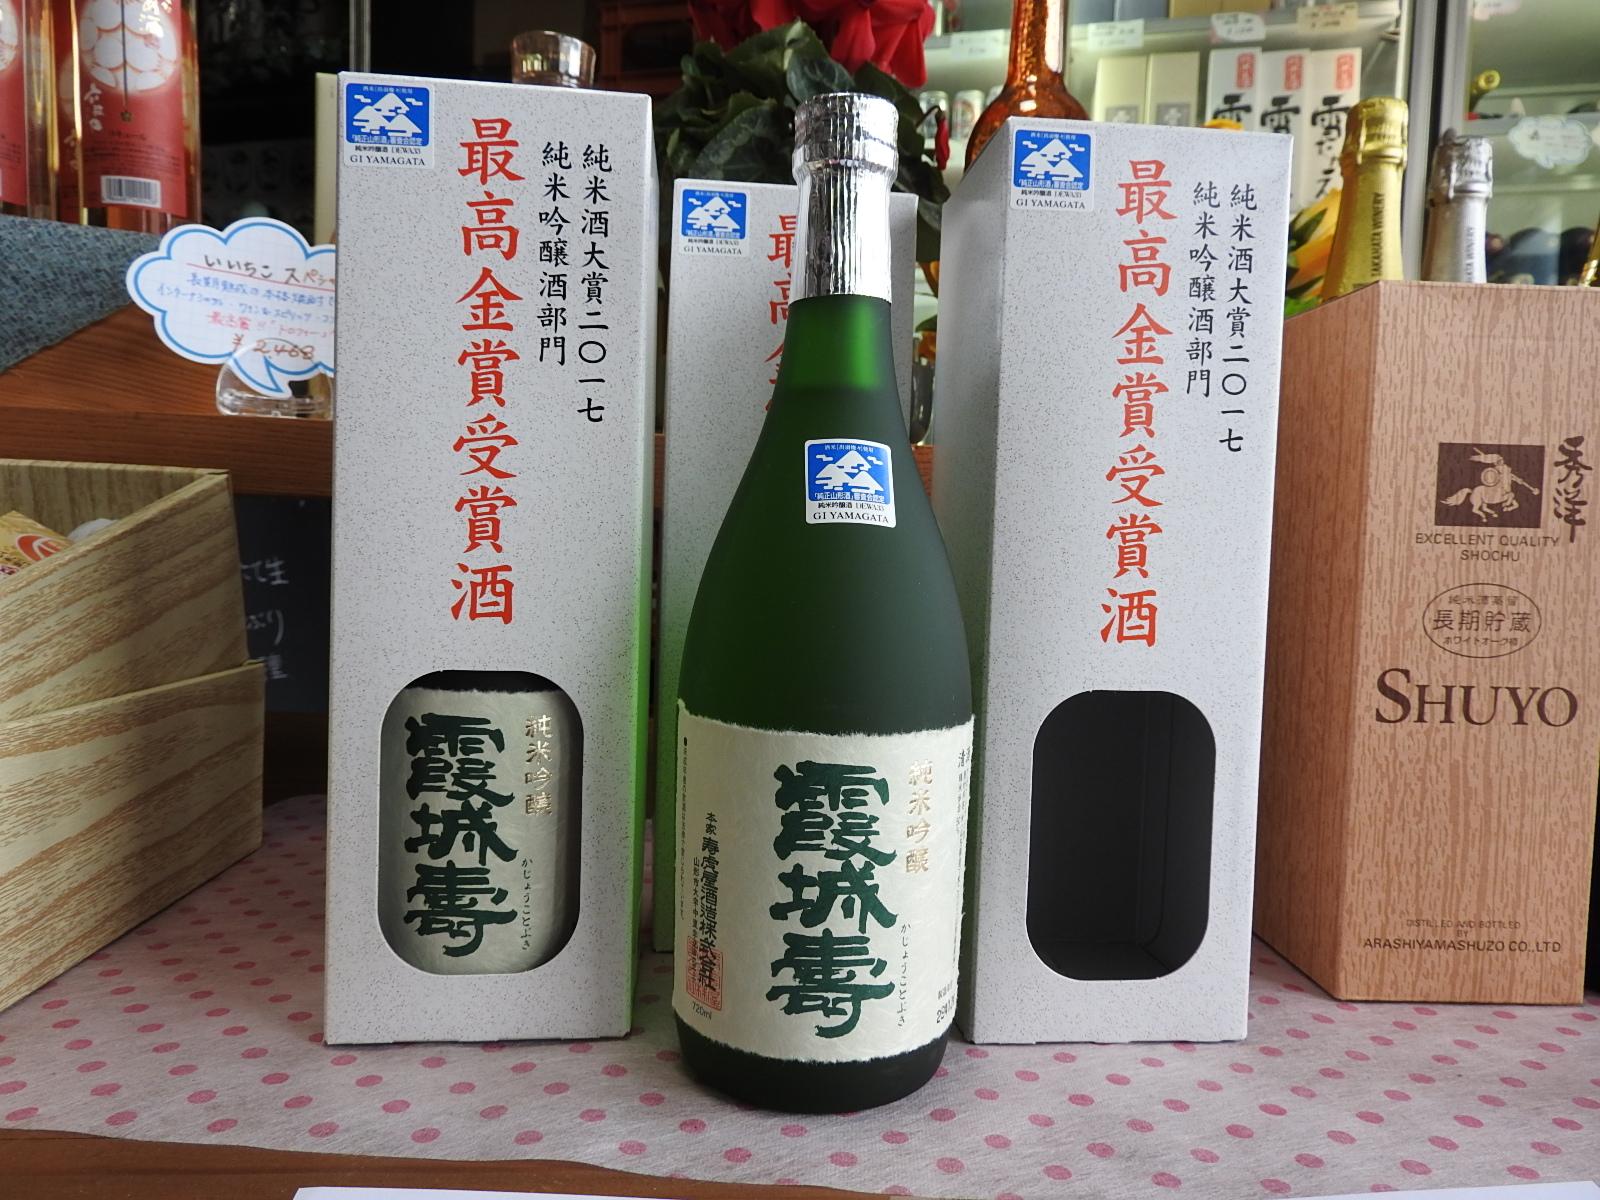 ◆最高金賞受賞酒 霞城寿 j純米吟醸 出羽燦々◆入荷しました:画像